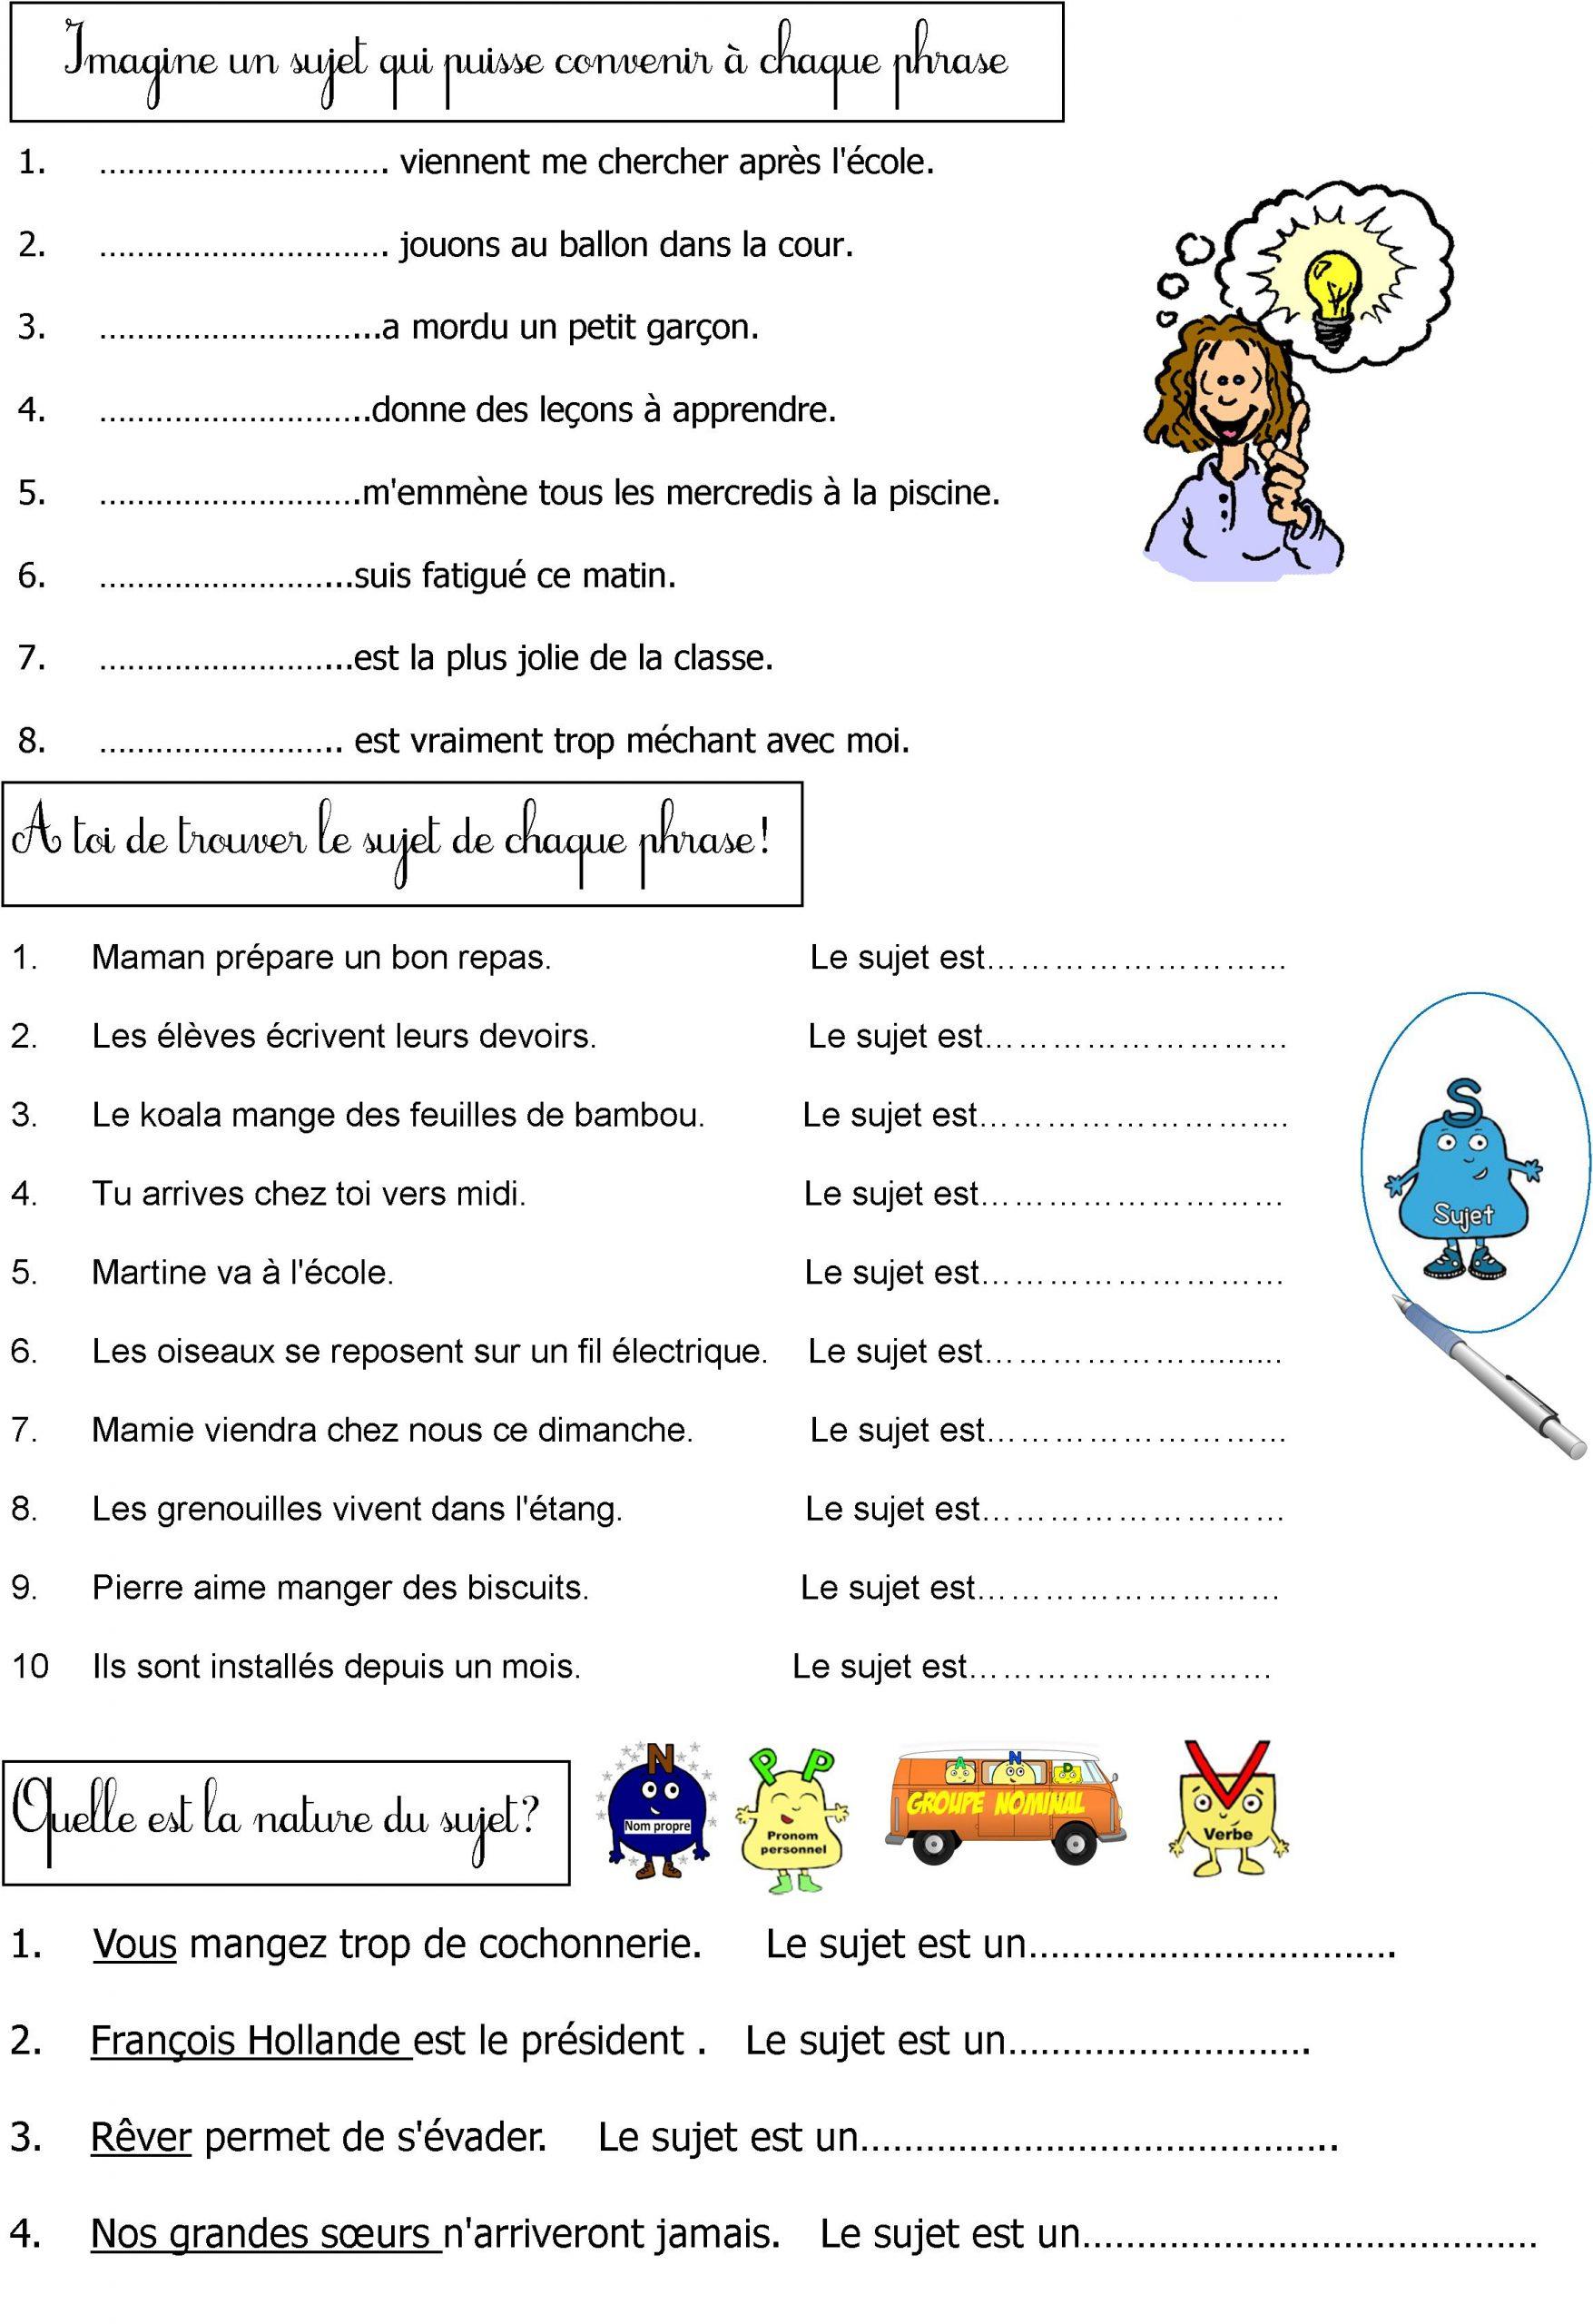 La Grammaire En Jouant | Le Blog De Monsieur Mathieu à Exercice Gratuit Ce1